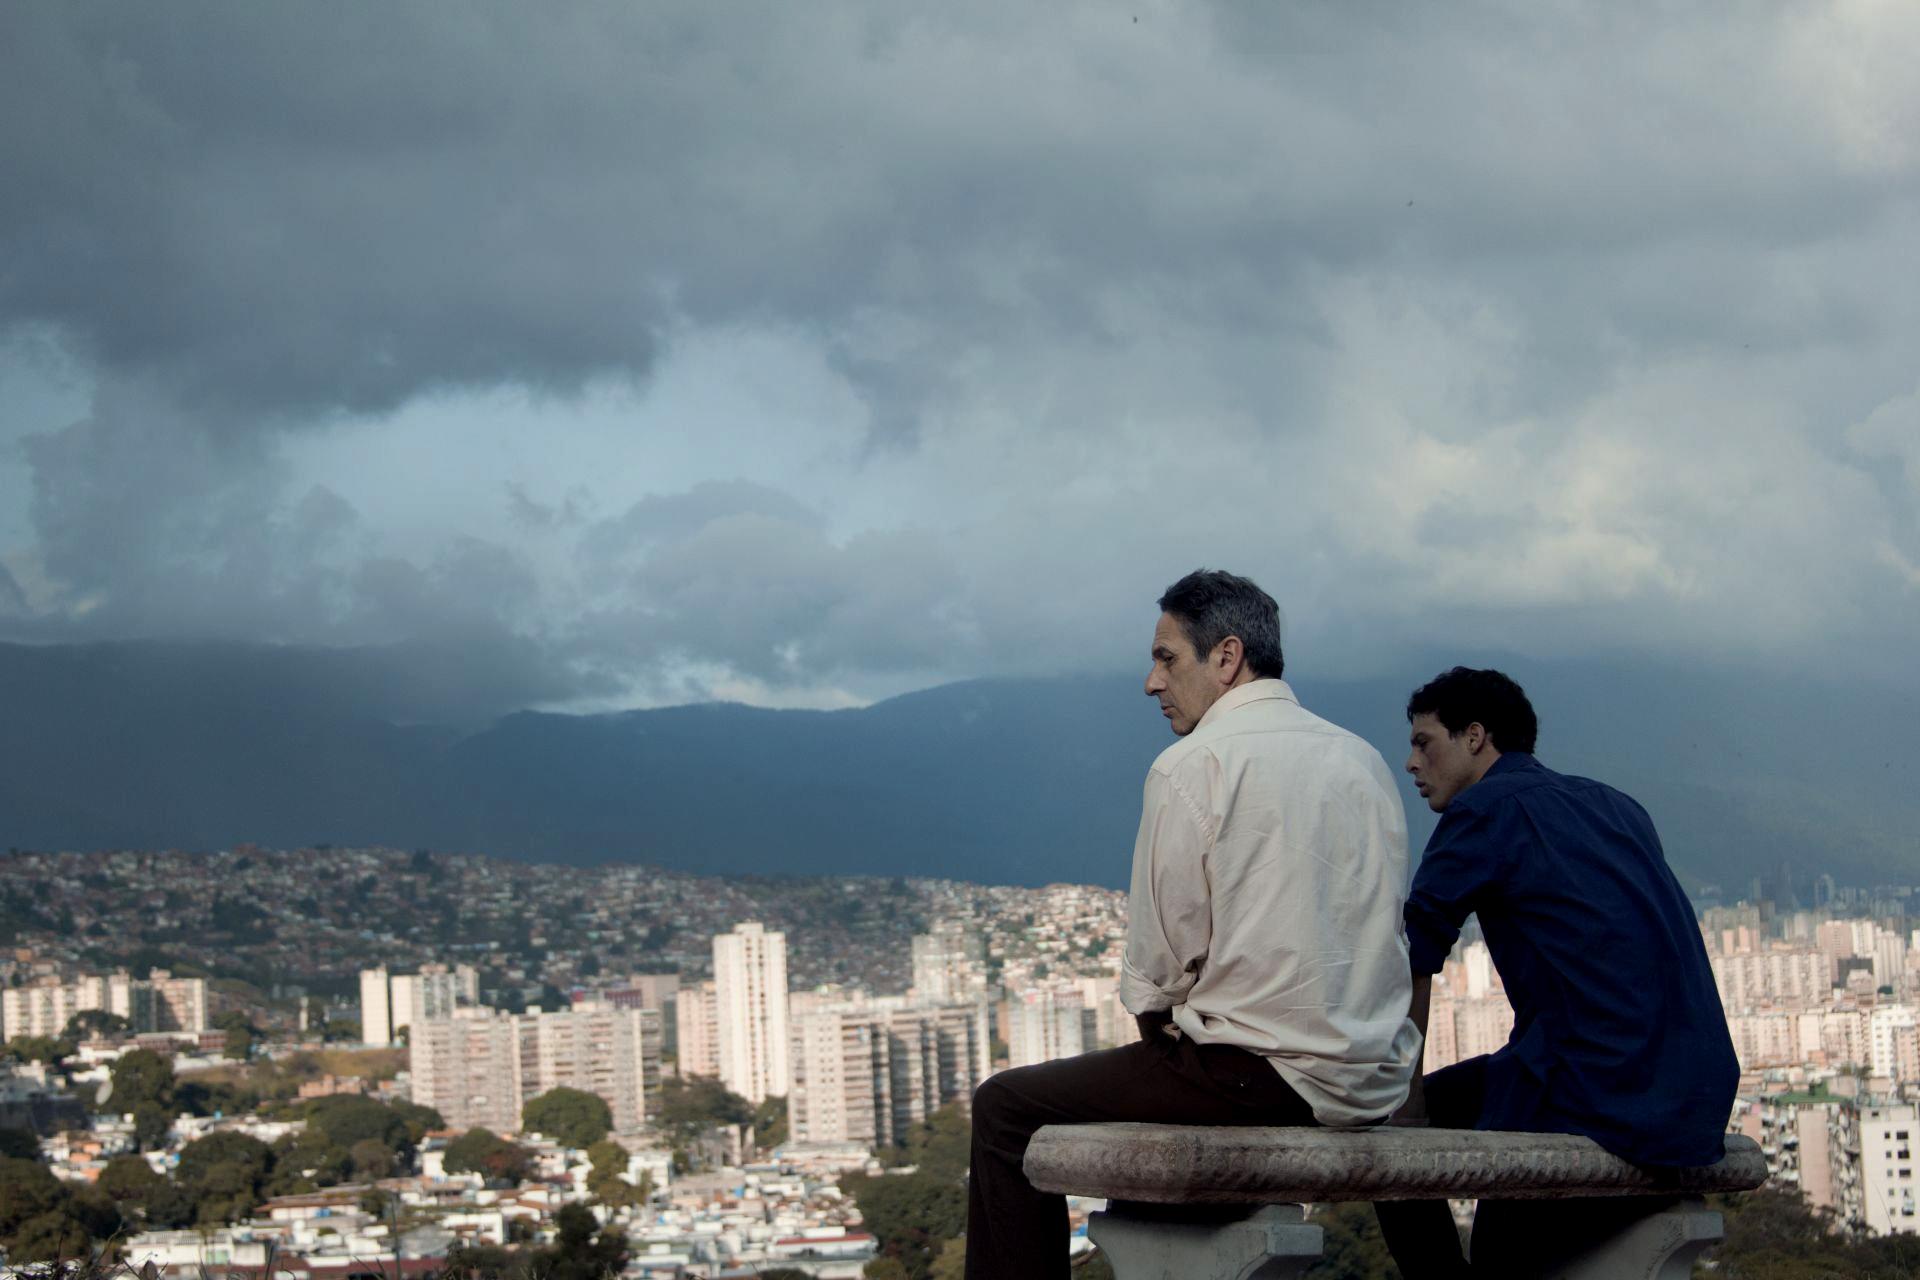 """Кадр из фильма """"Издалека"""", реж. Лоренцо Вигас (2015)"""